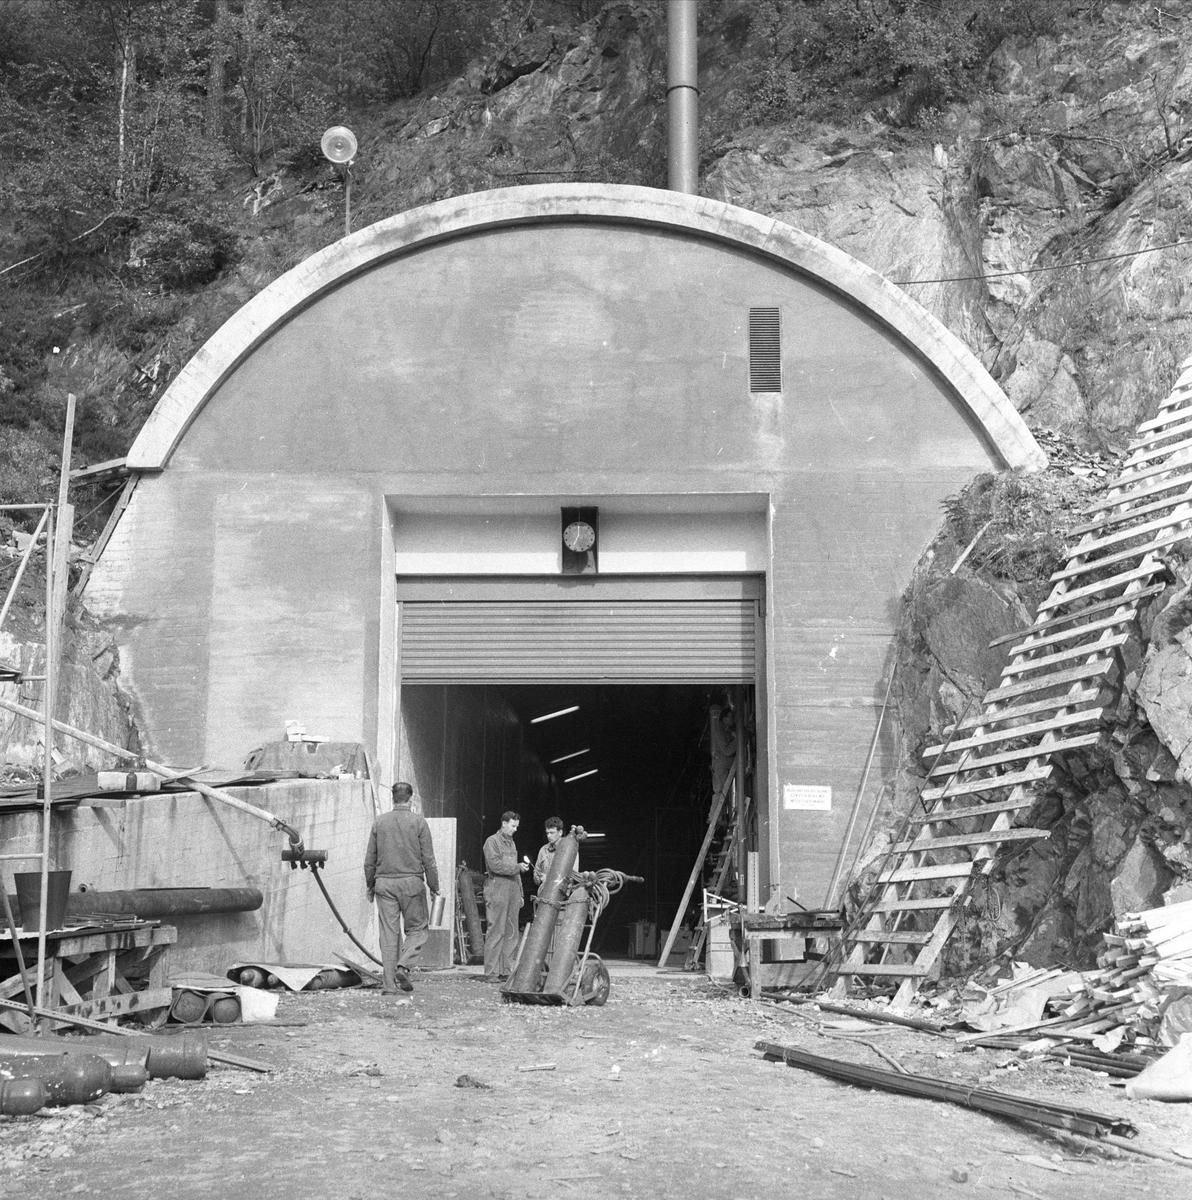 Halden, 04.10.1958, Haldenreaktoren, entreprenørvirksomhet.